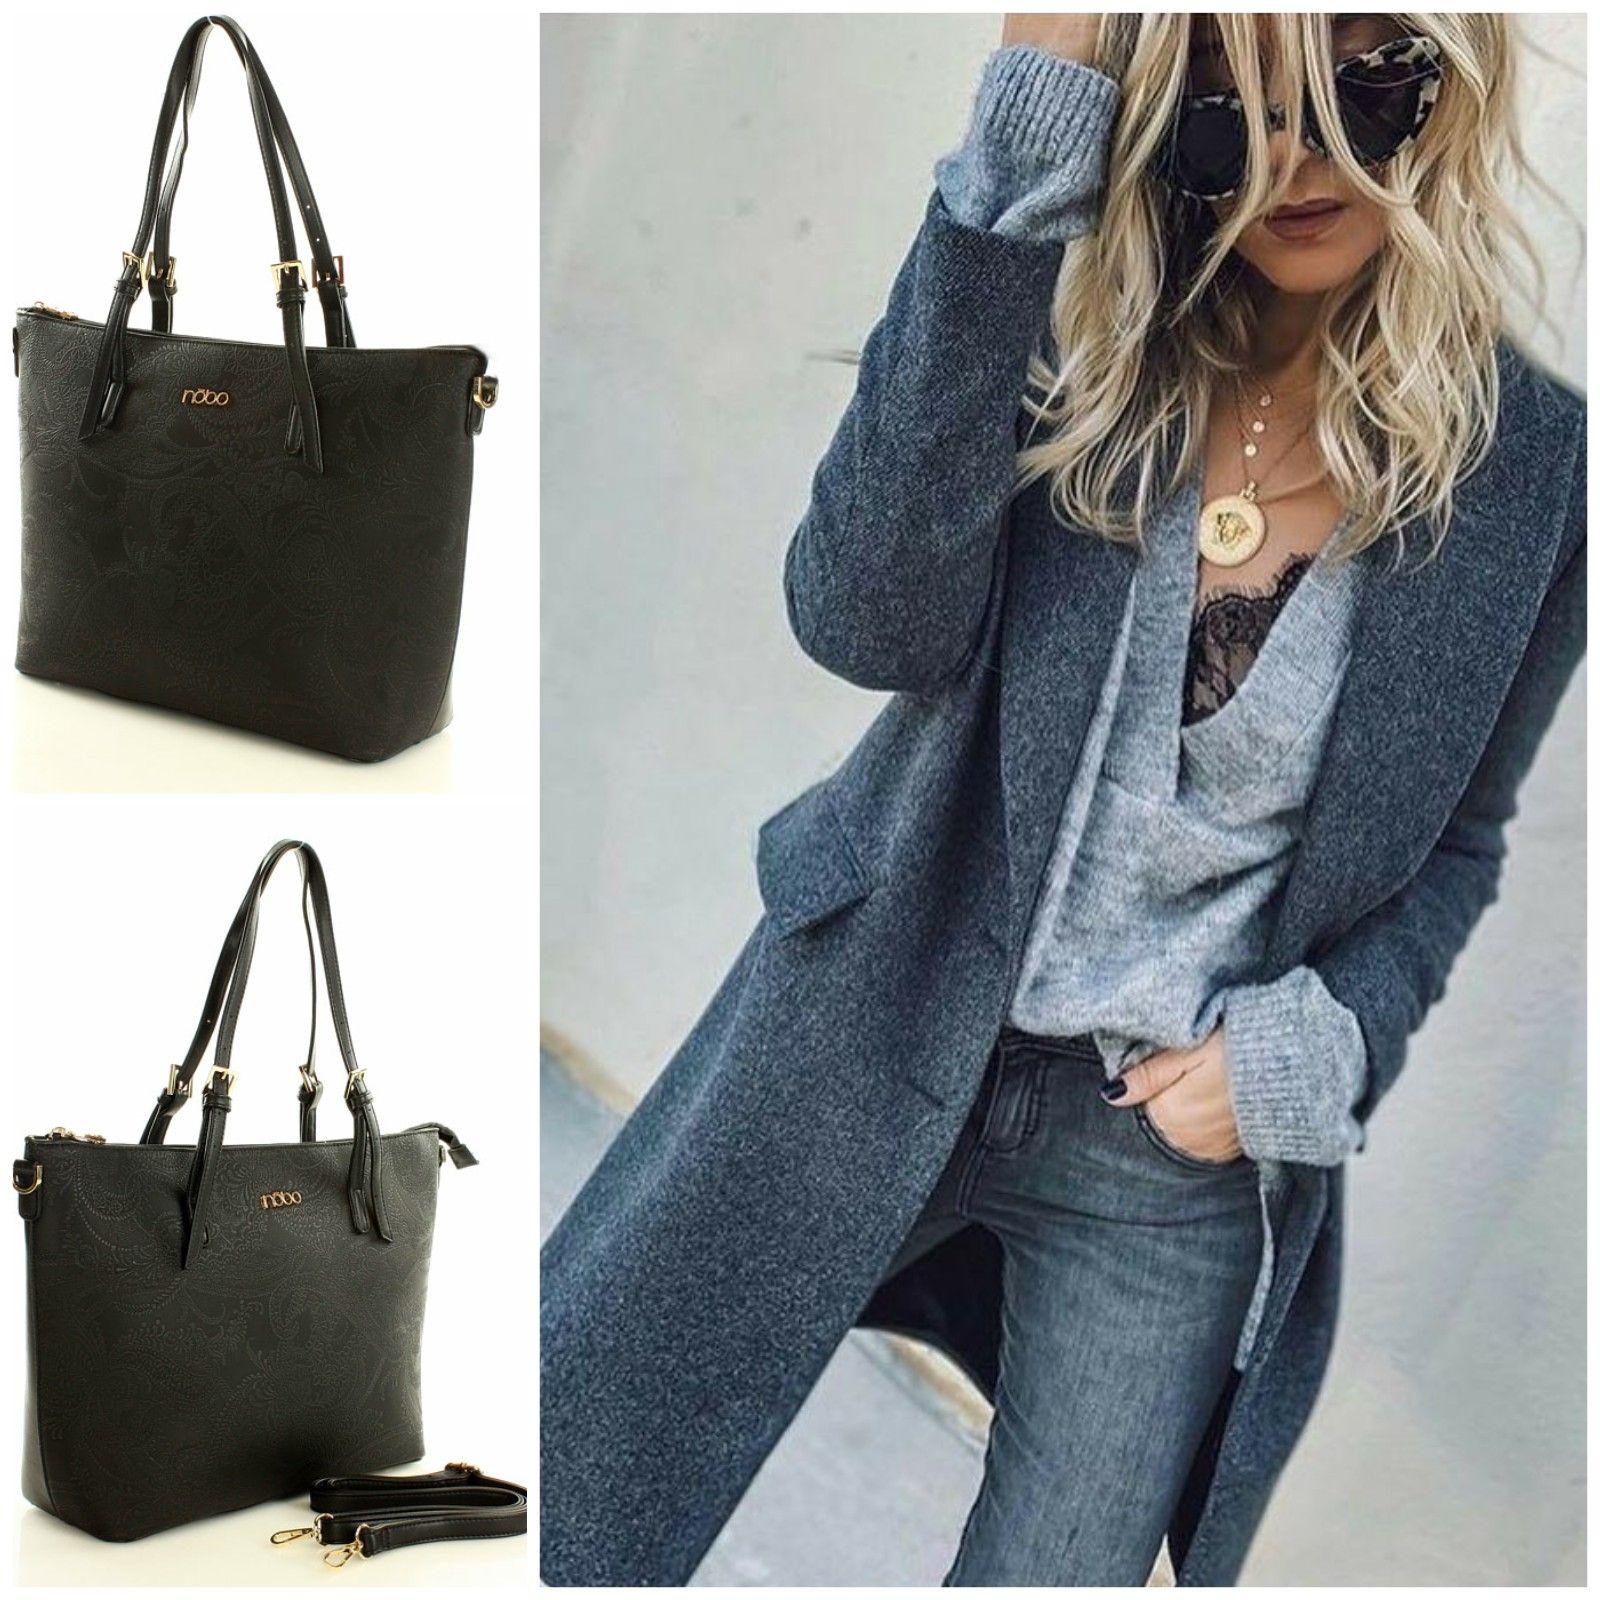 3fe35f3bb0 Szereted a sportosan elegáns öltözéket a hétköznapokban? Nobo női táska